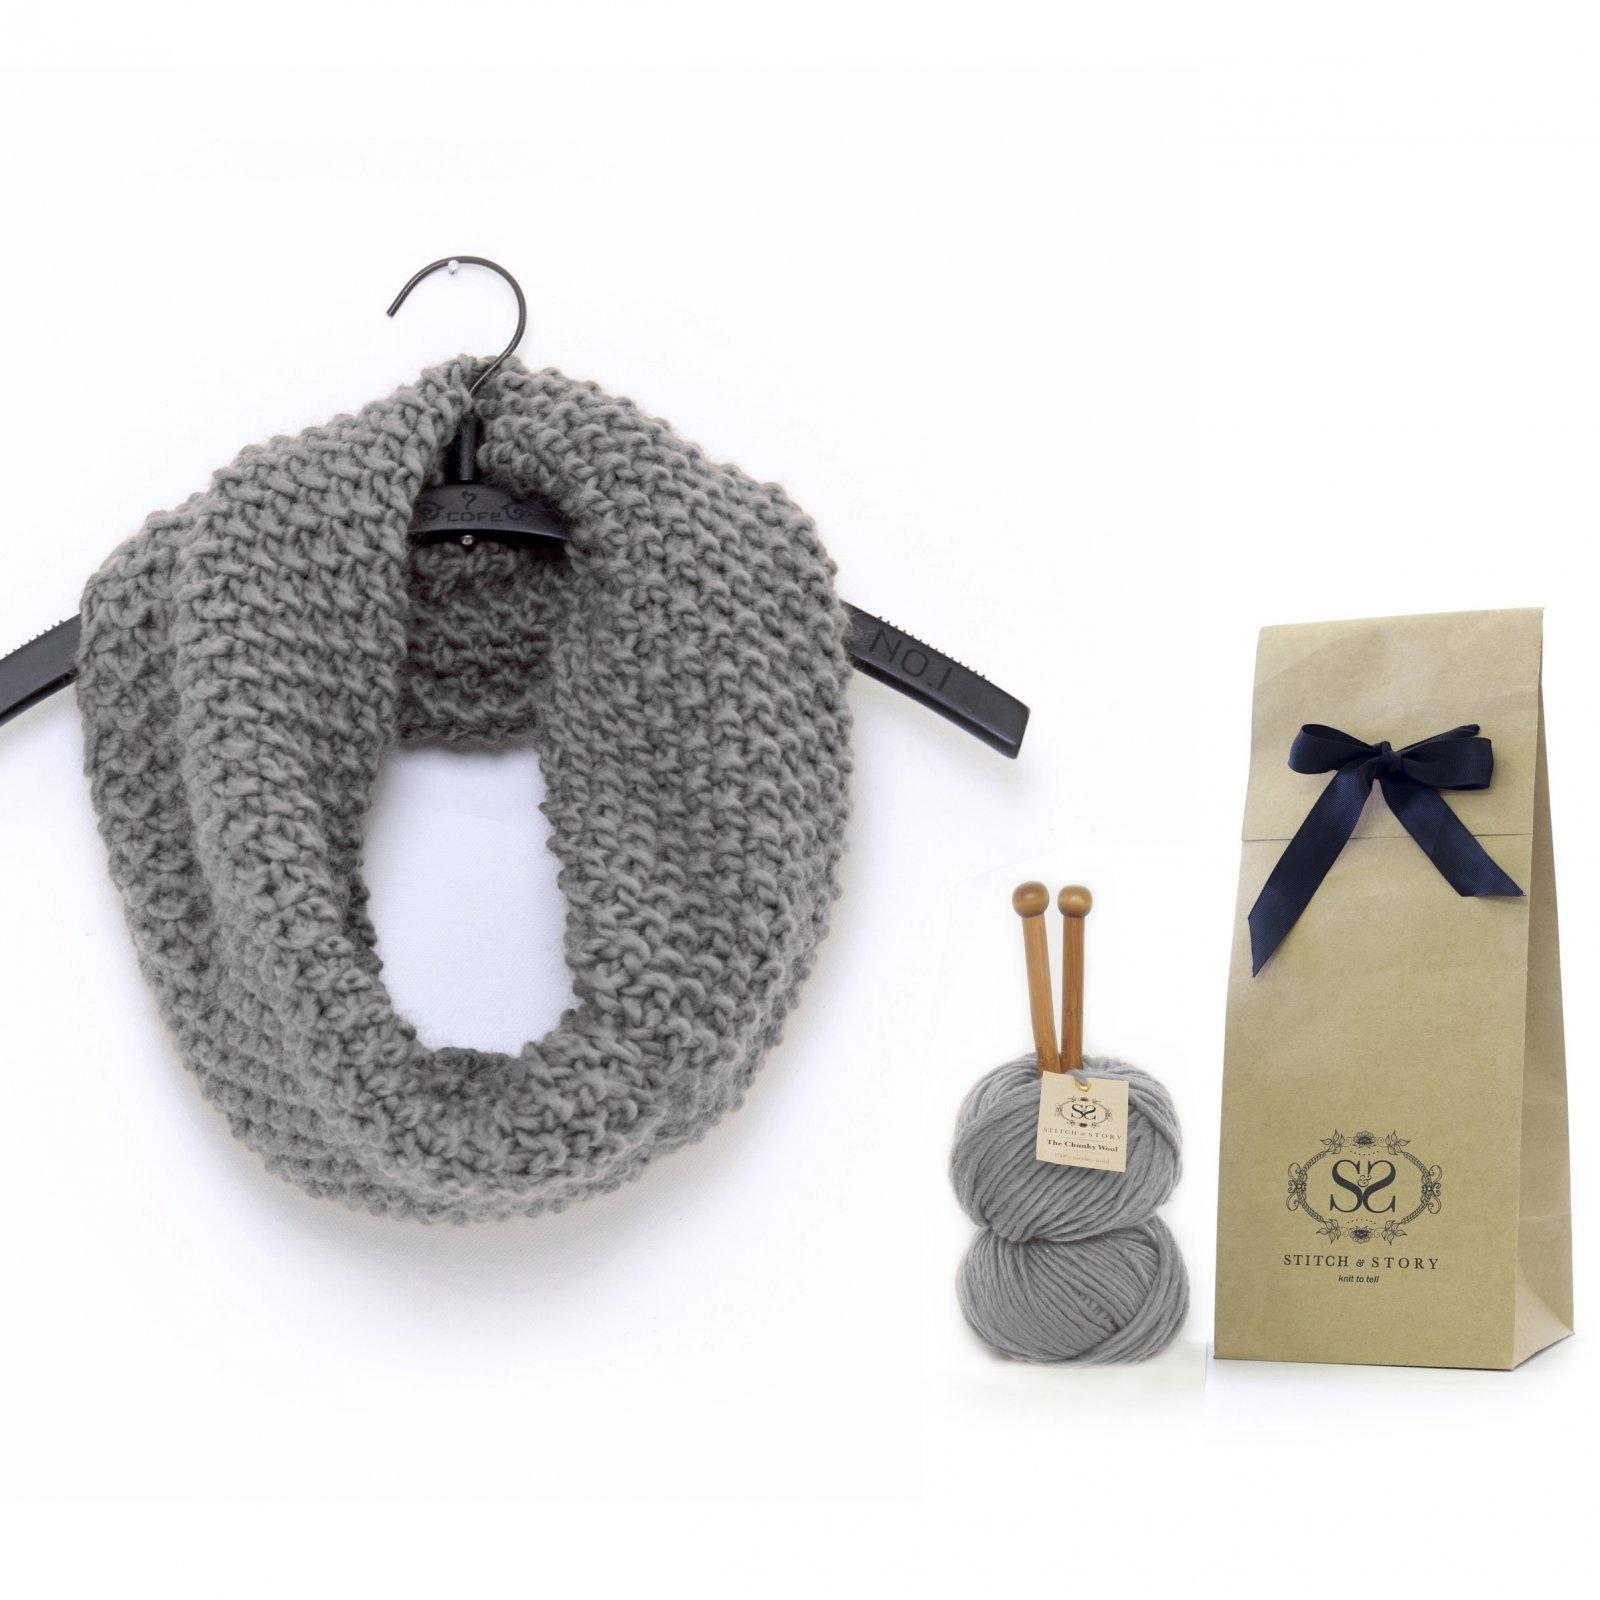 Knitting Kit - Grey Cowl